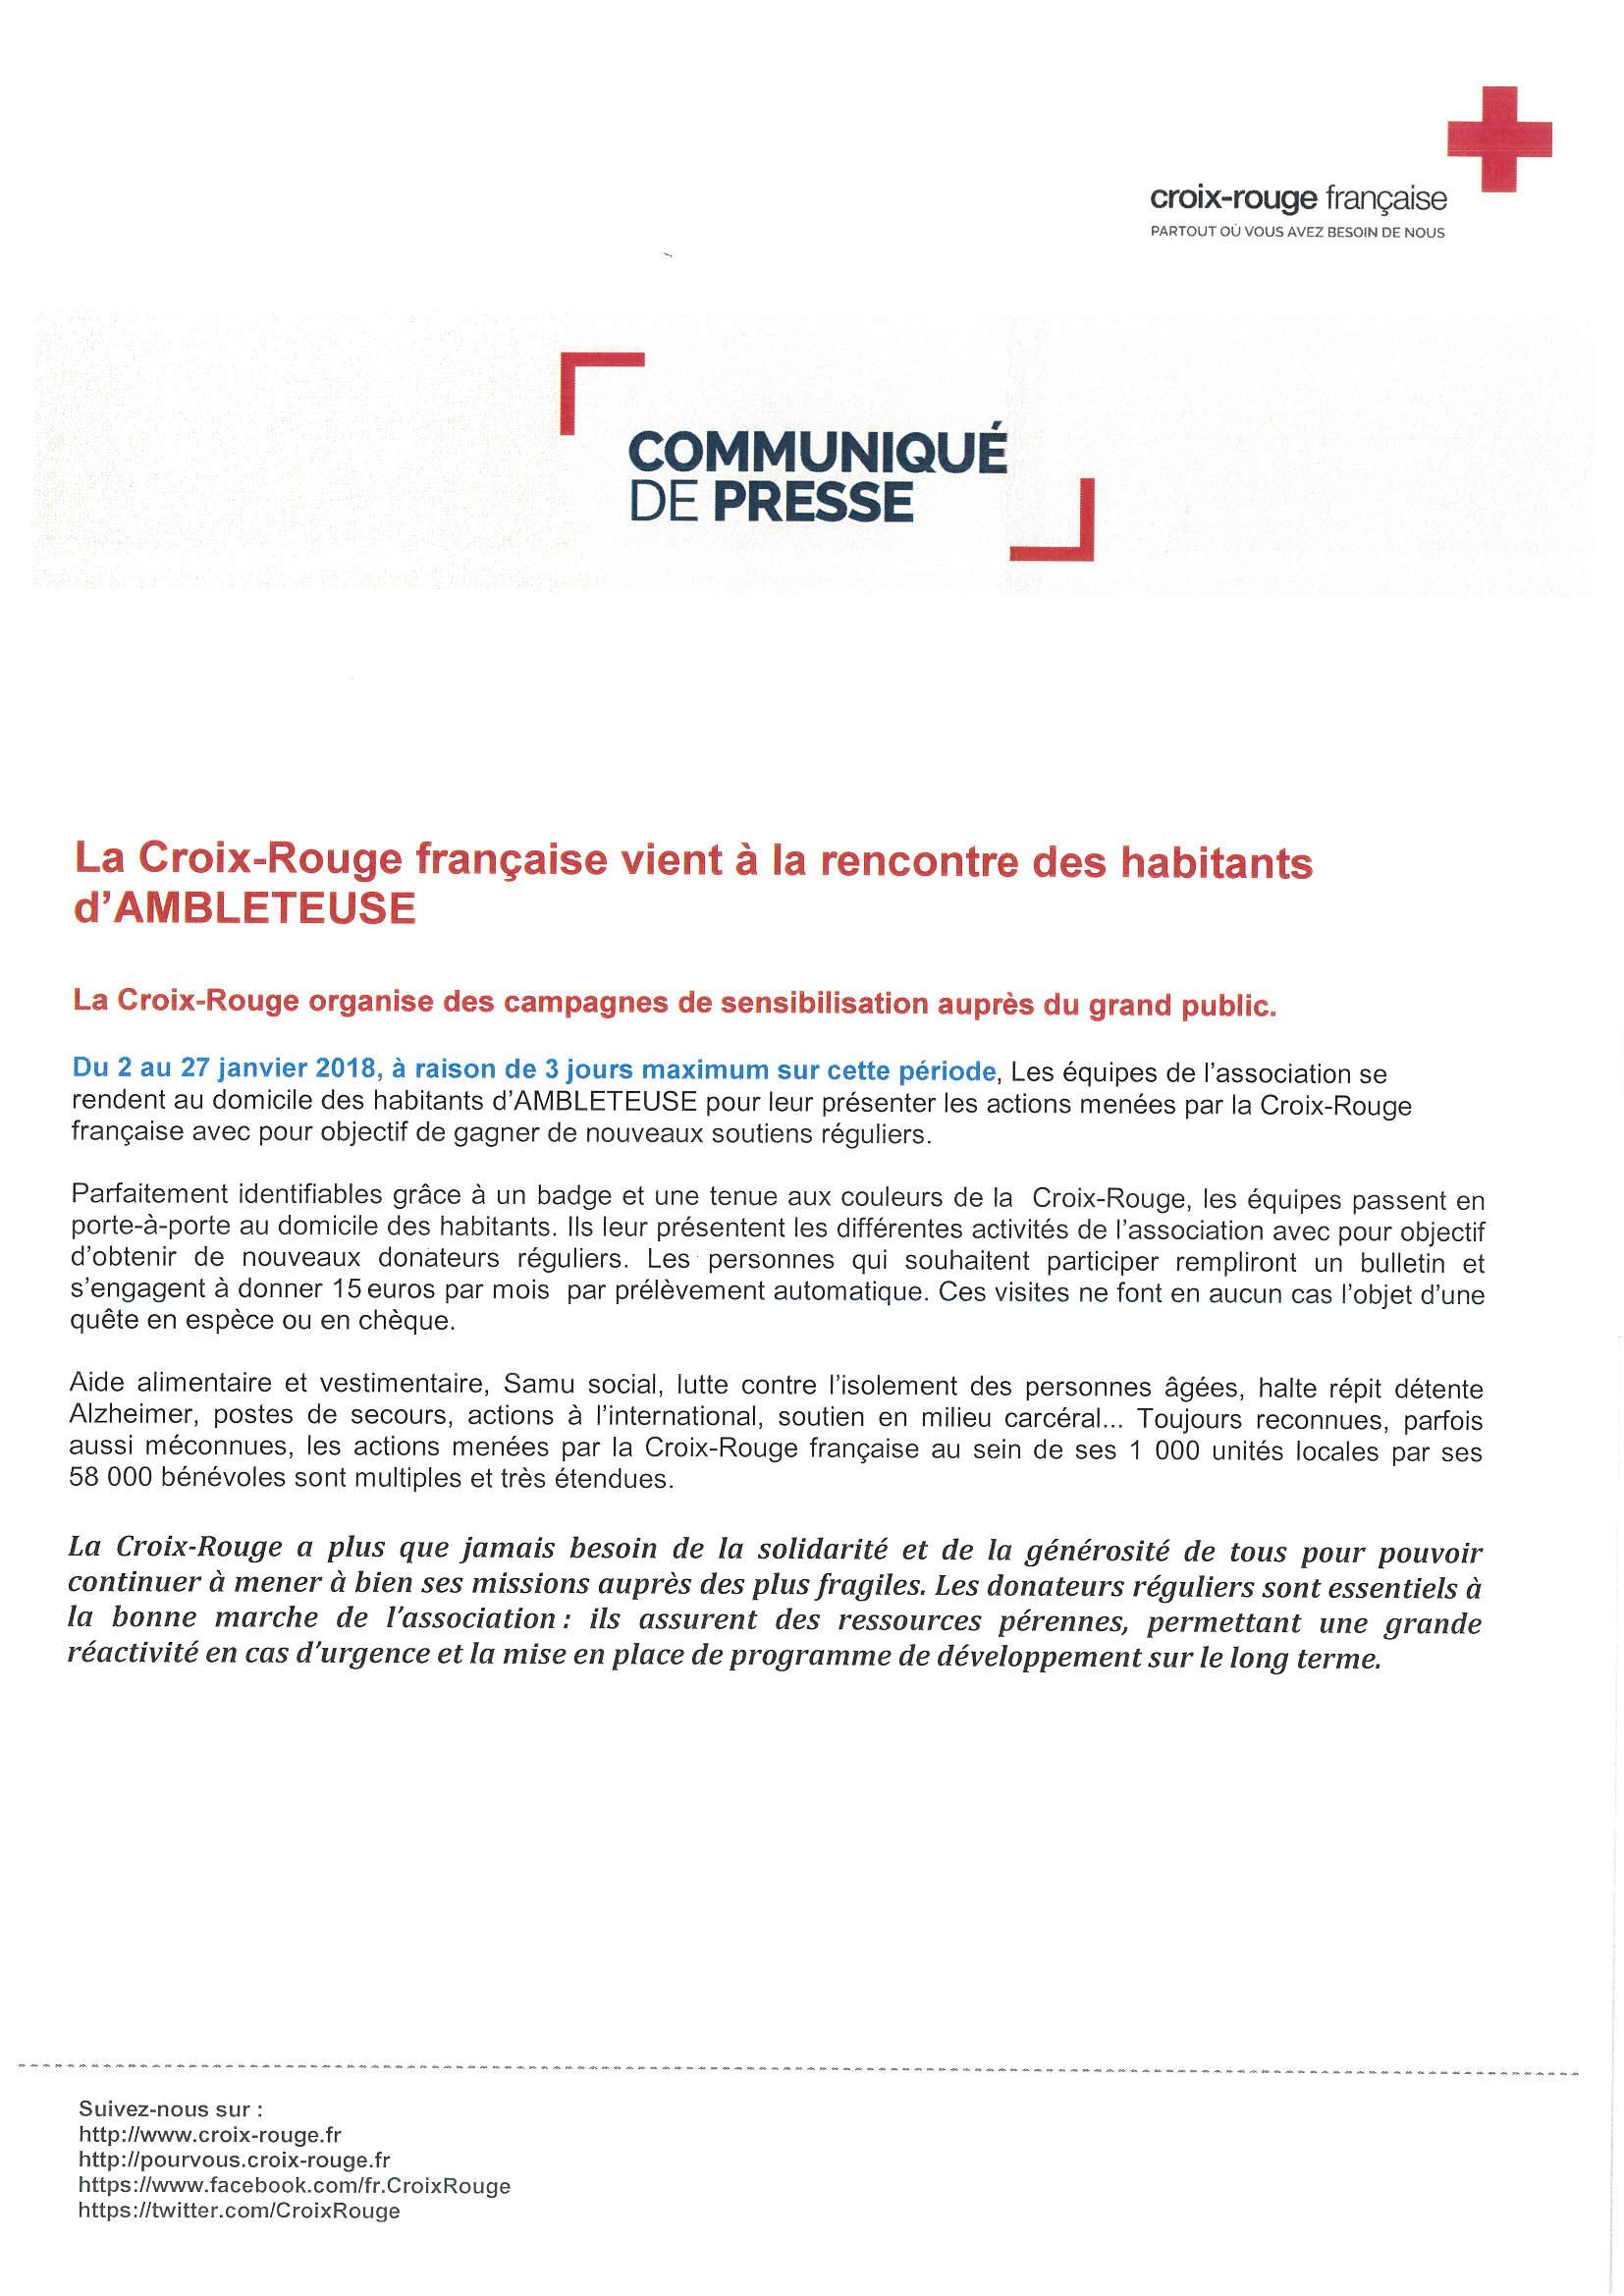 croixrouge_001.jpg